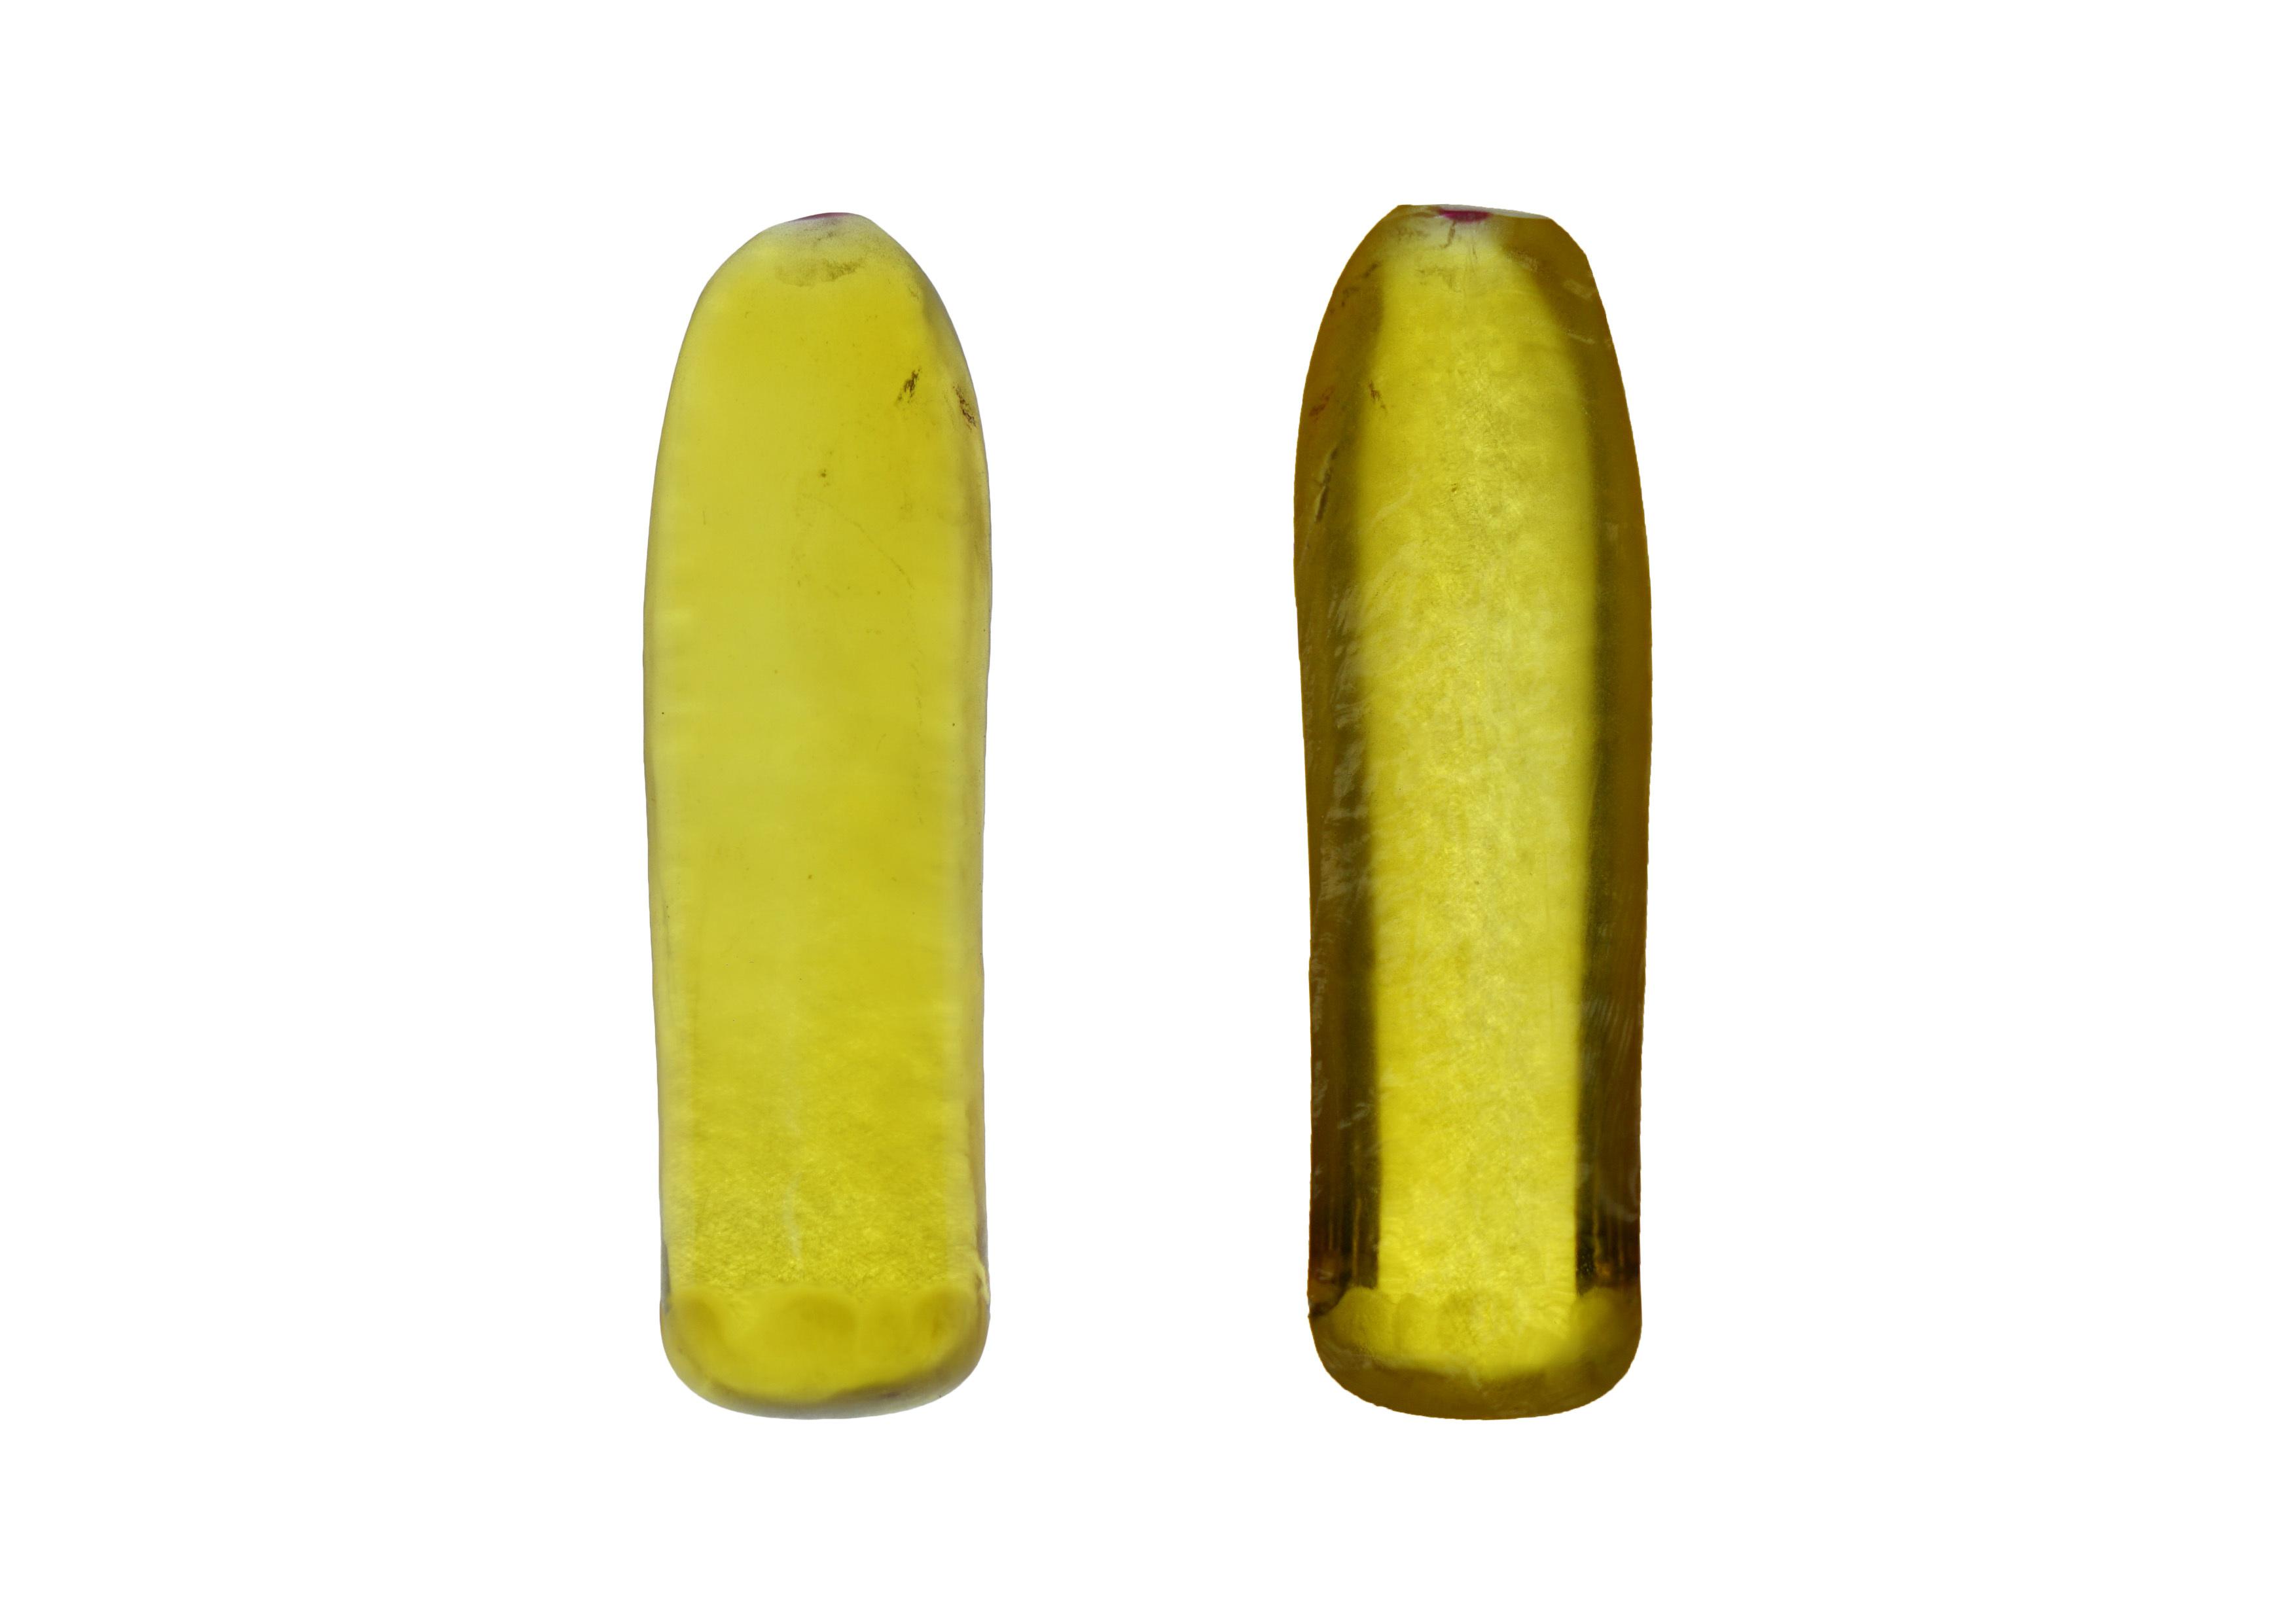 Yellow Corundum Rough